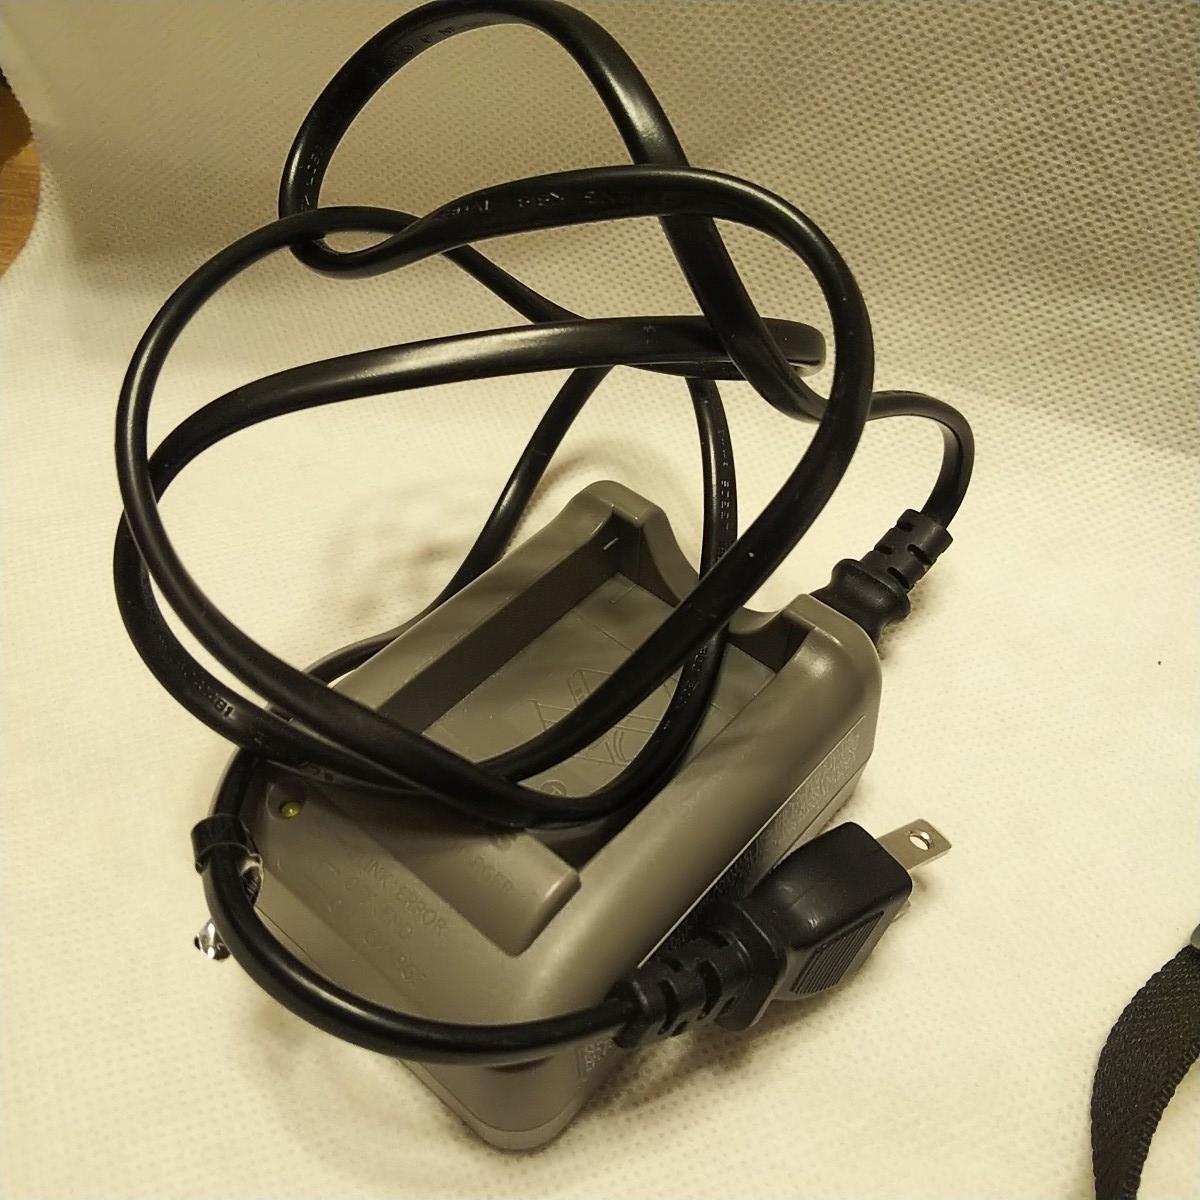 オリンパス E-PM1 デジタル一眼 レンズ フラッシュ付き FL-LM1 M.ZUIKO 14-42mm 1:3.5-5.6 π37mm ズームレンズキット YOKO-63 完動品 美品_画像7